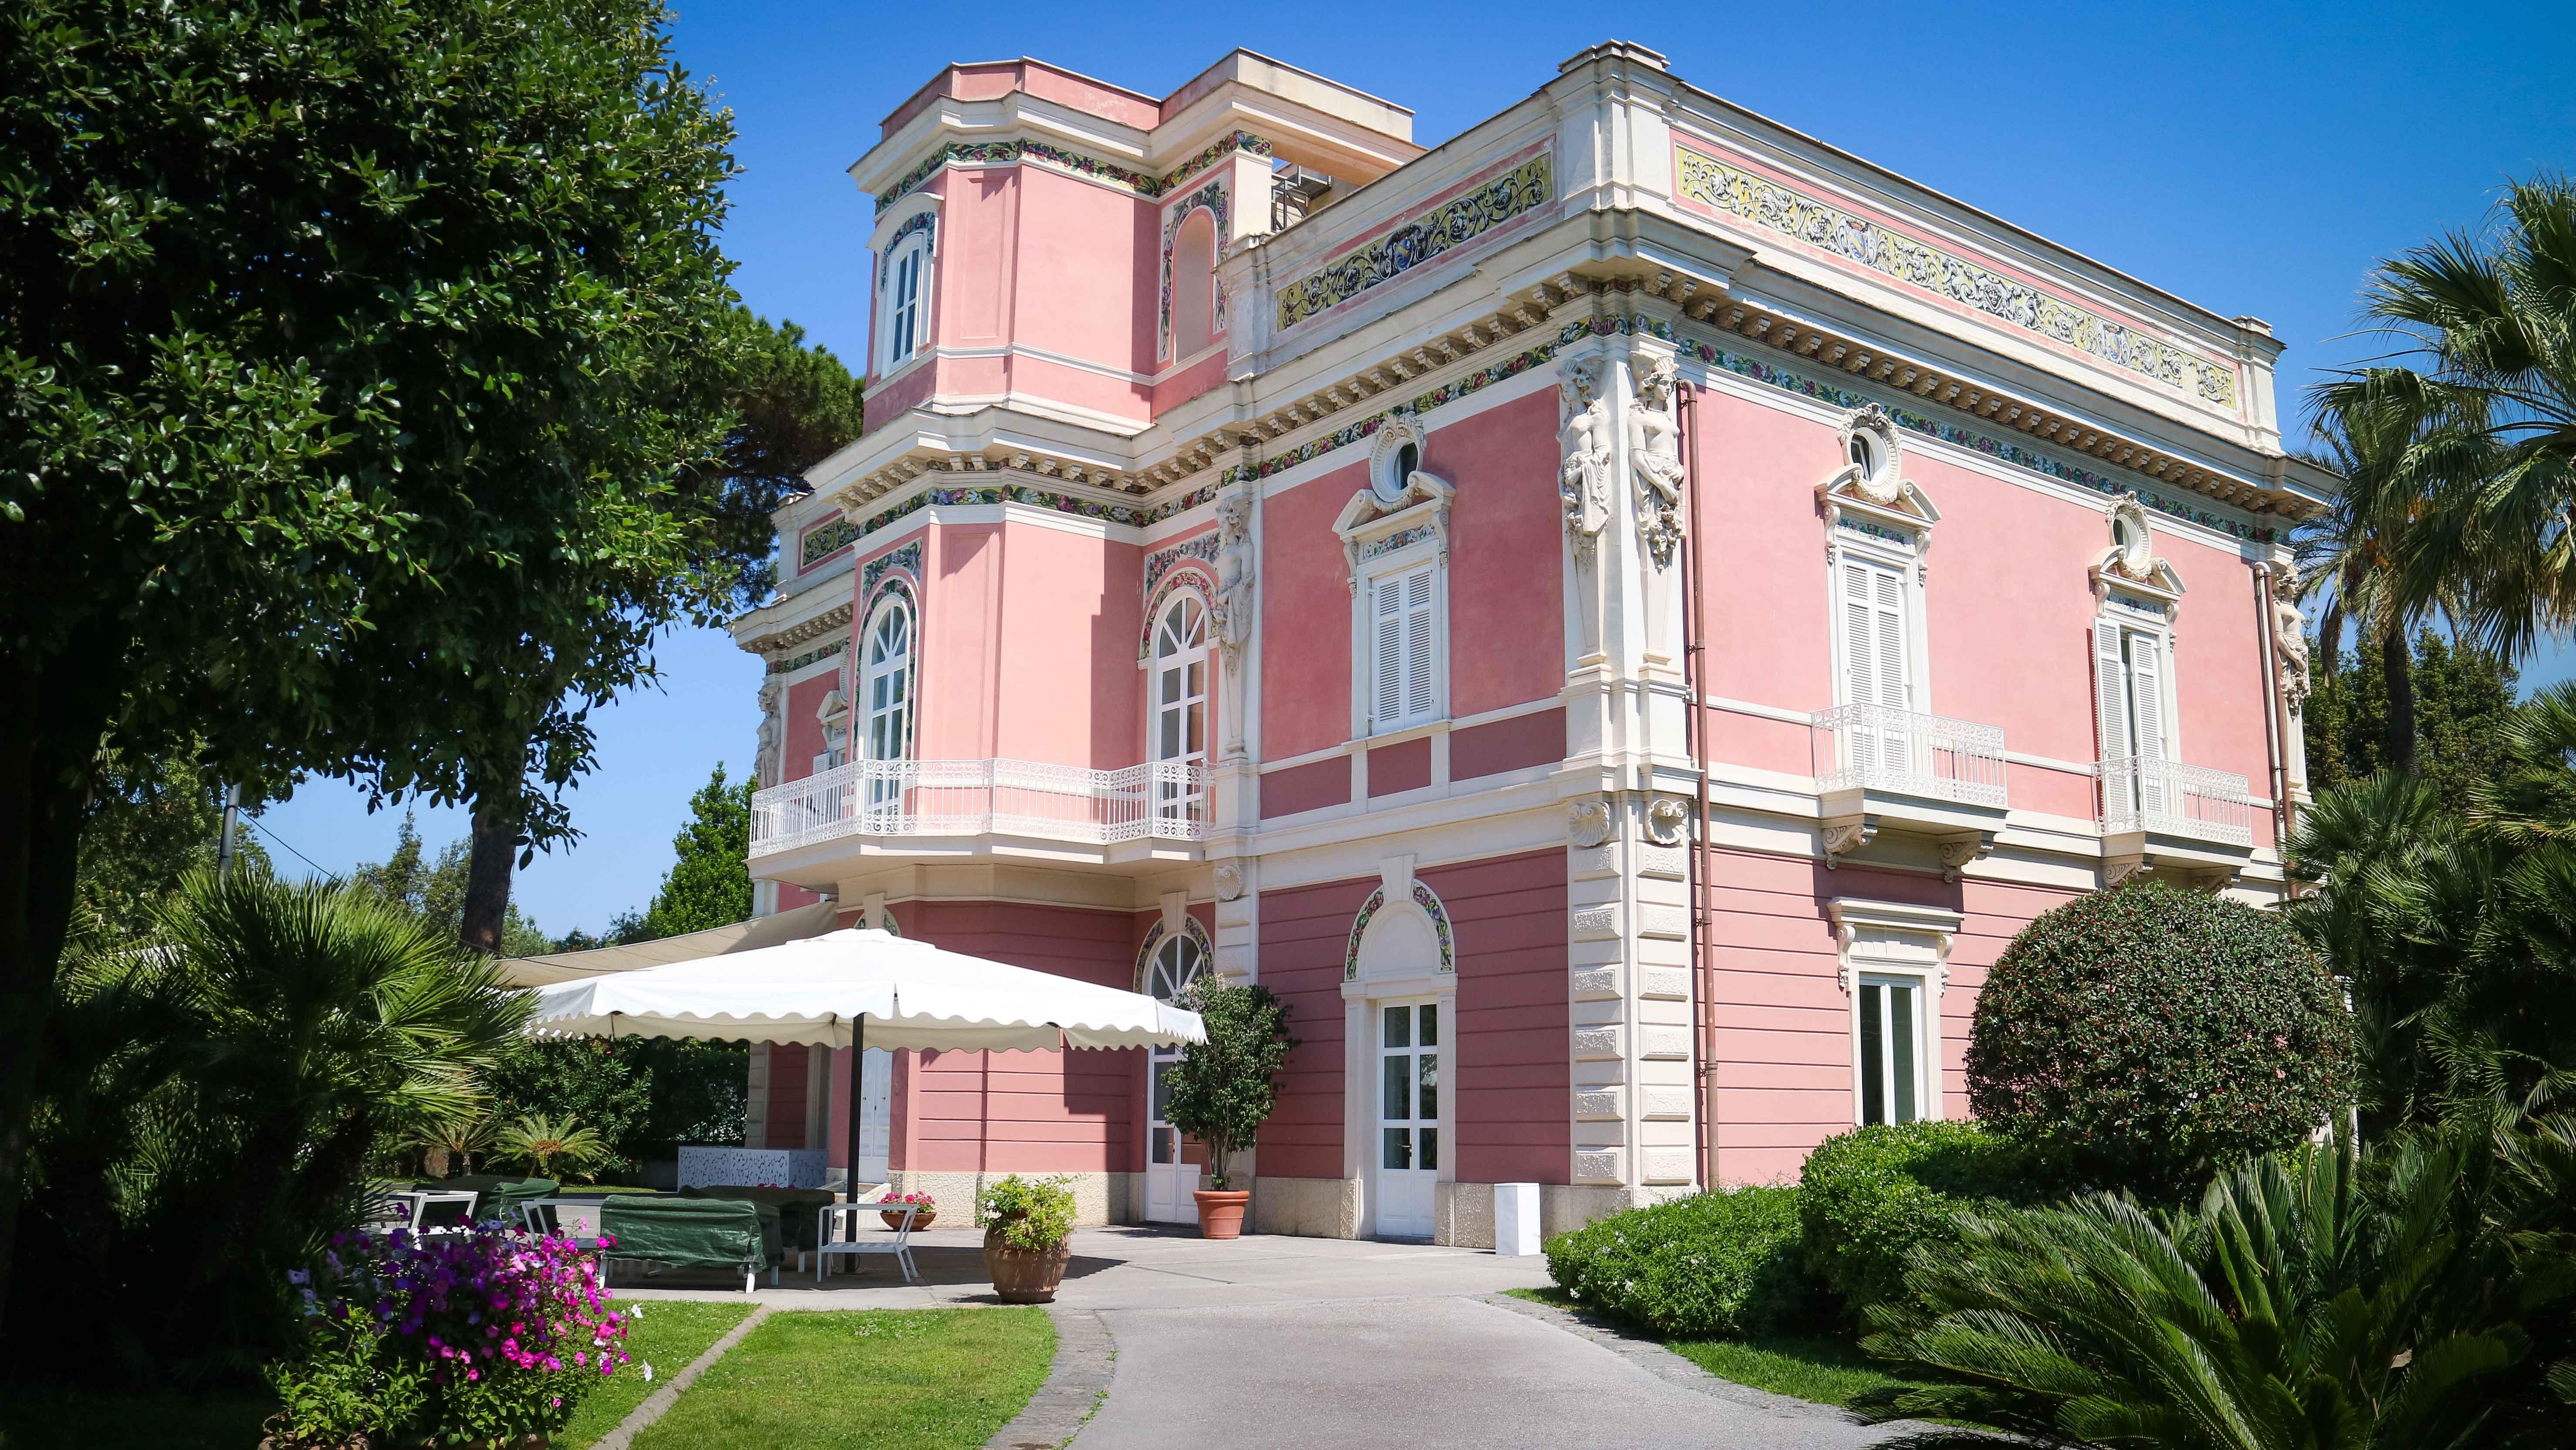 Palazzo Dei Concerti